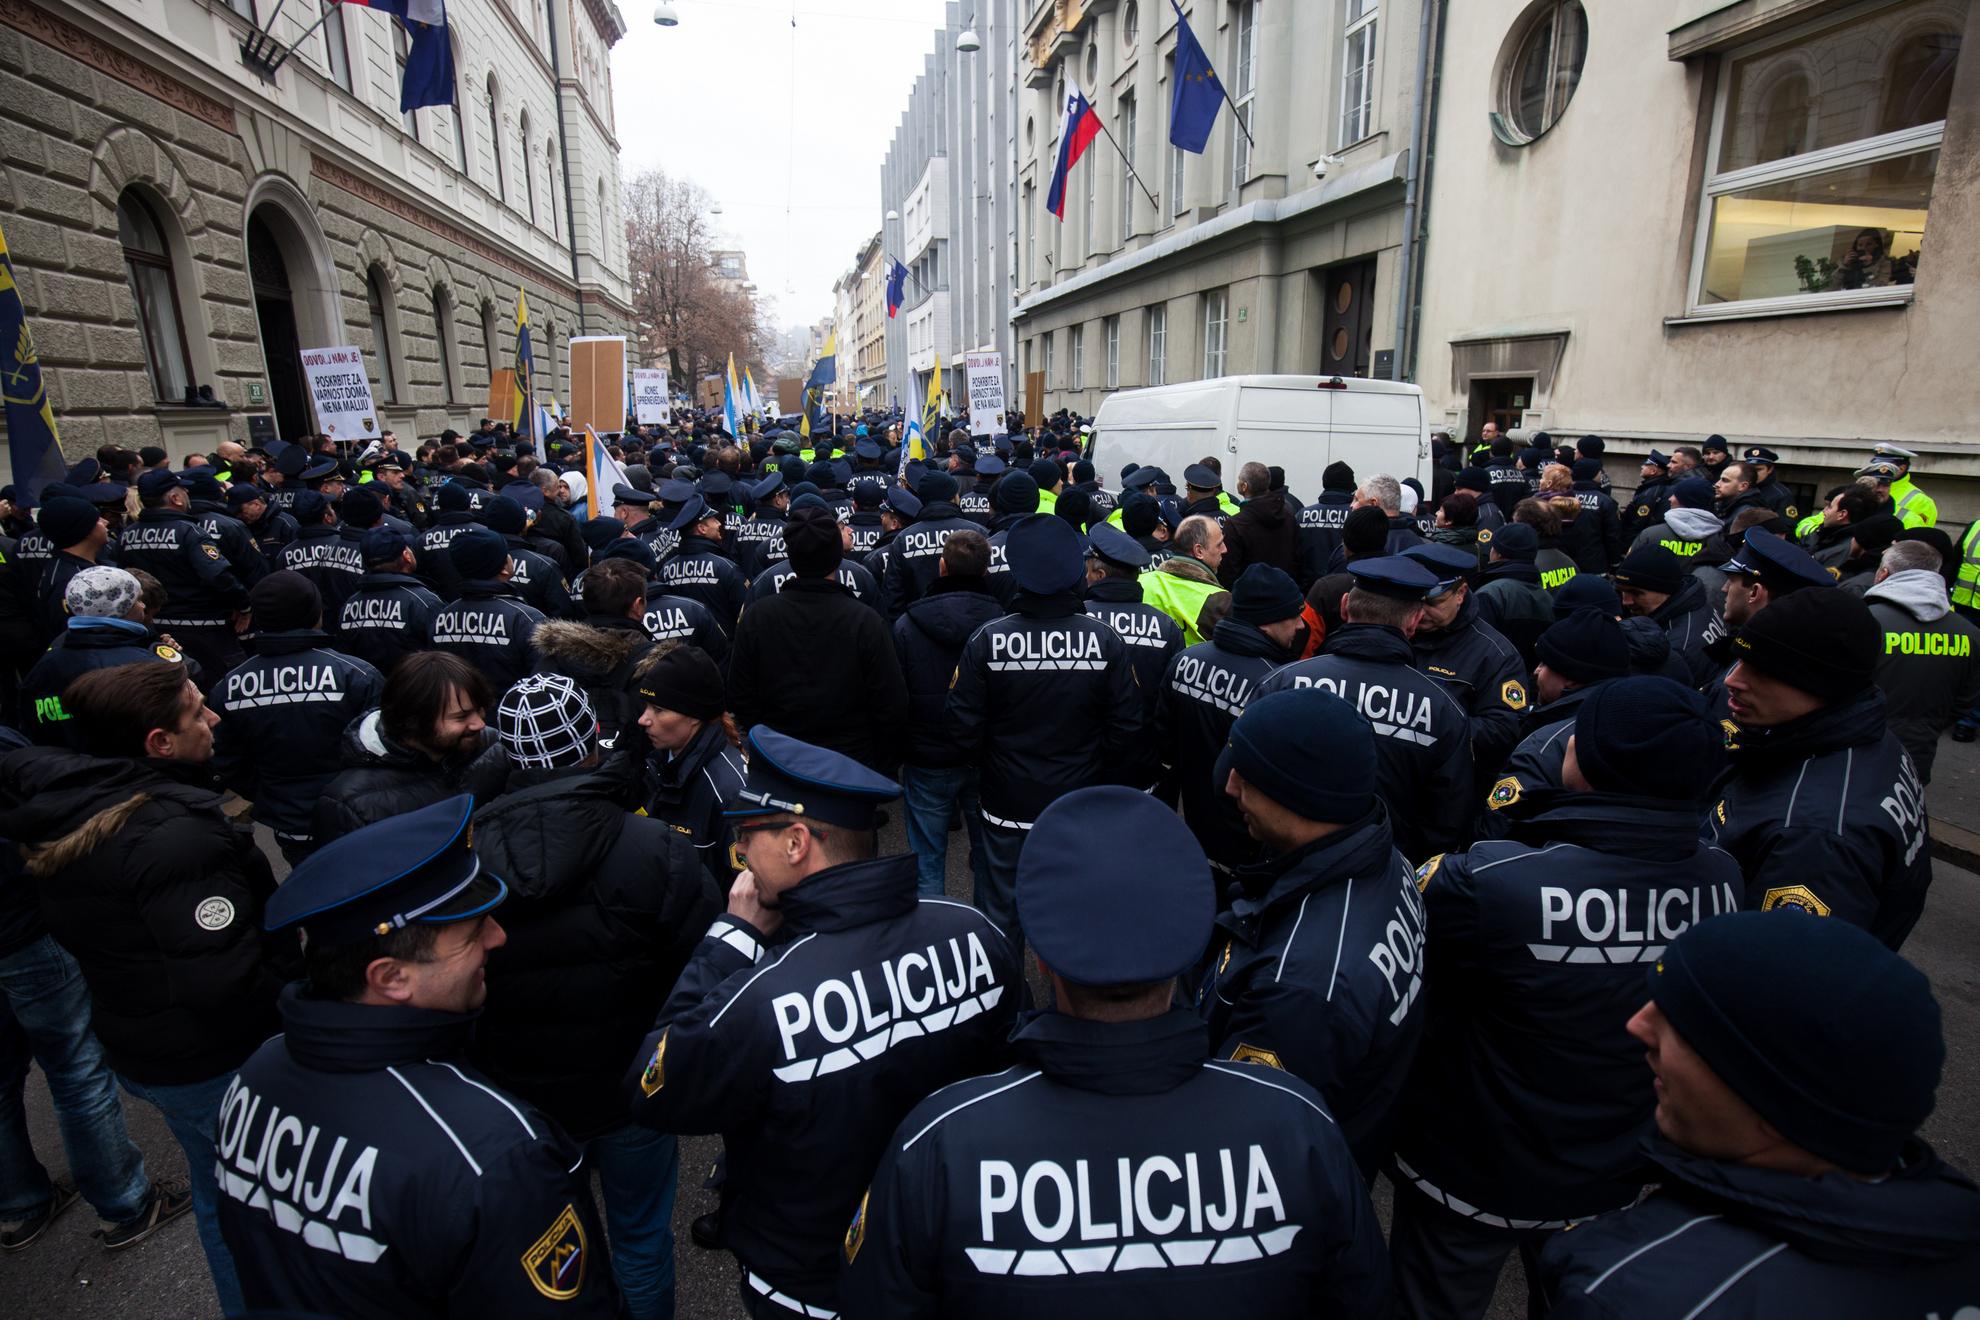 Ljubljana, Stavka policistov. Stavkajoči policisti na Gregorčičevi ulici.